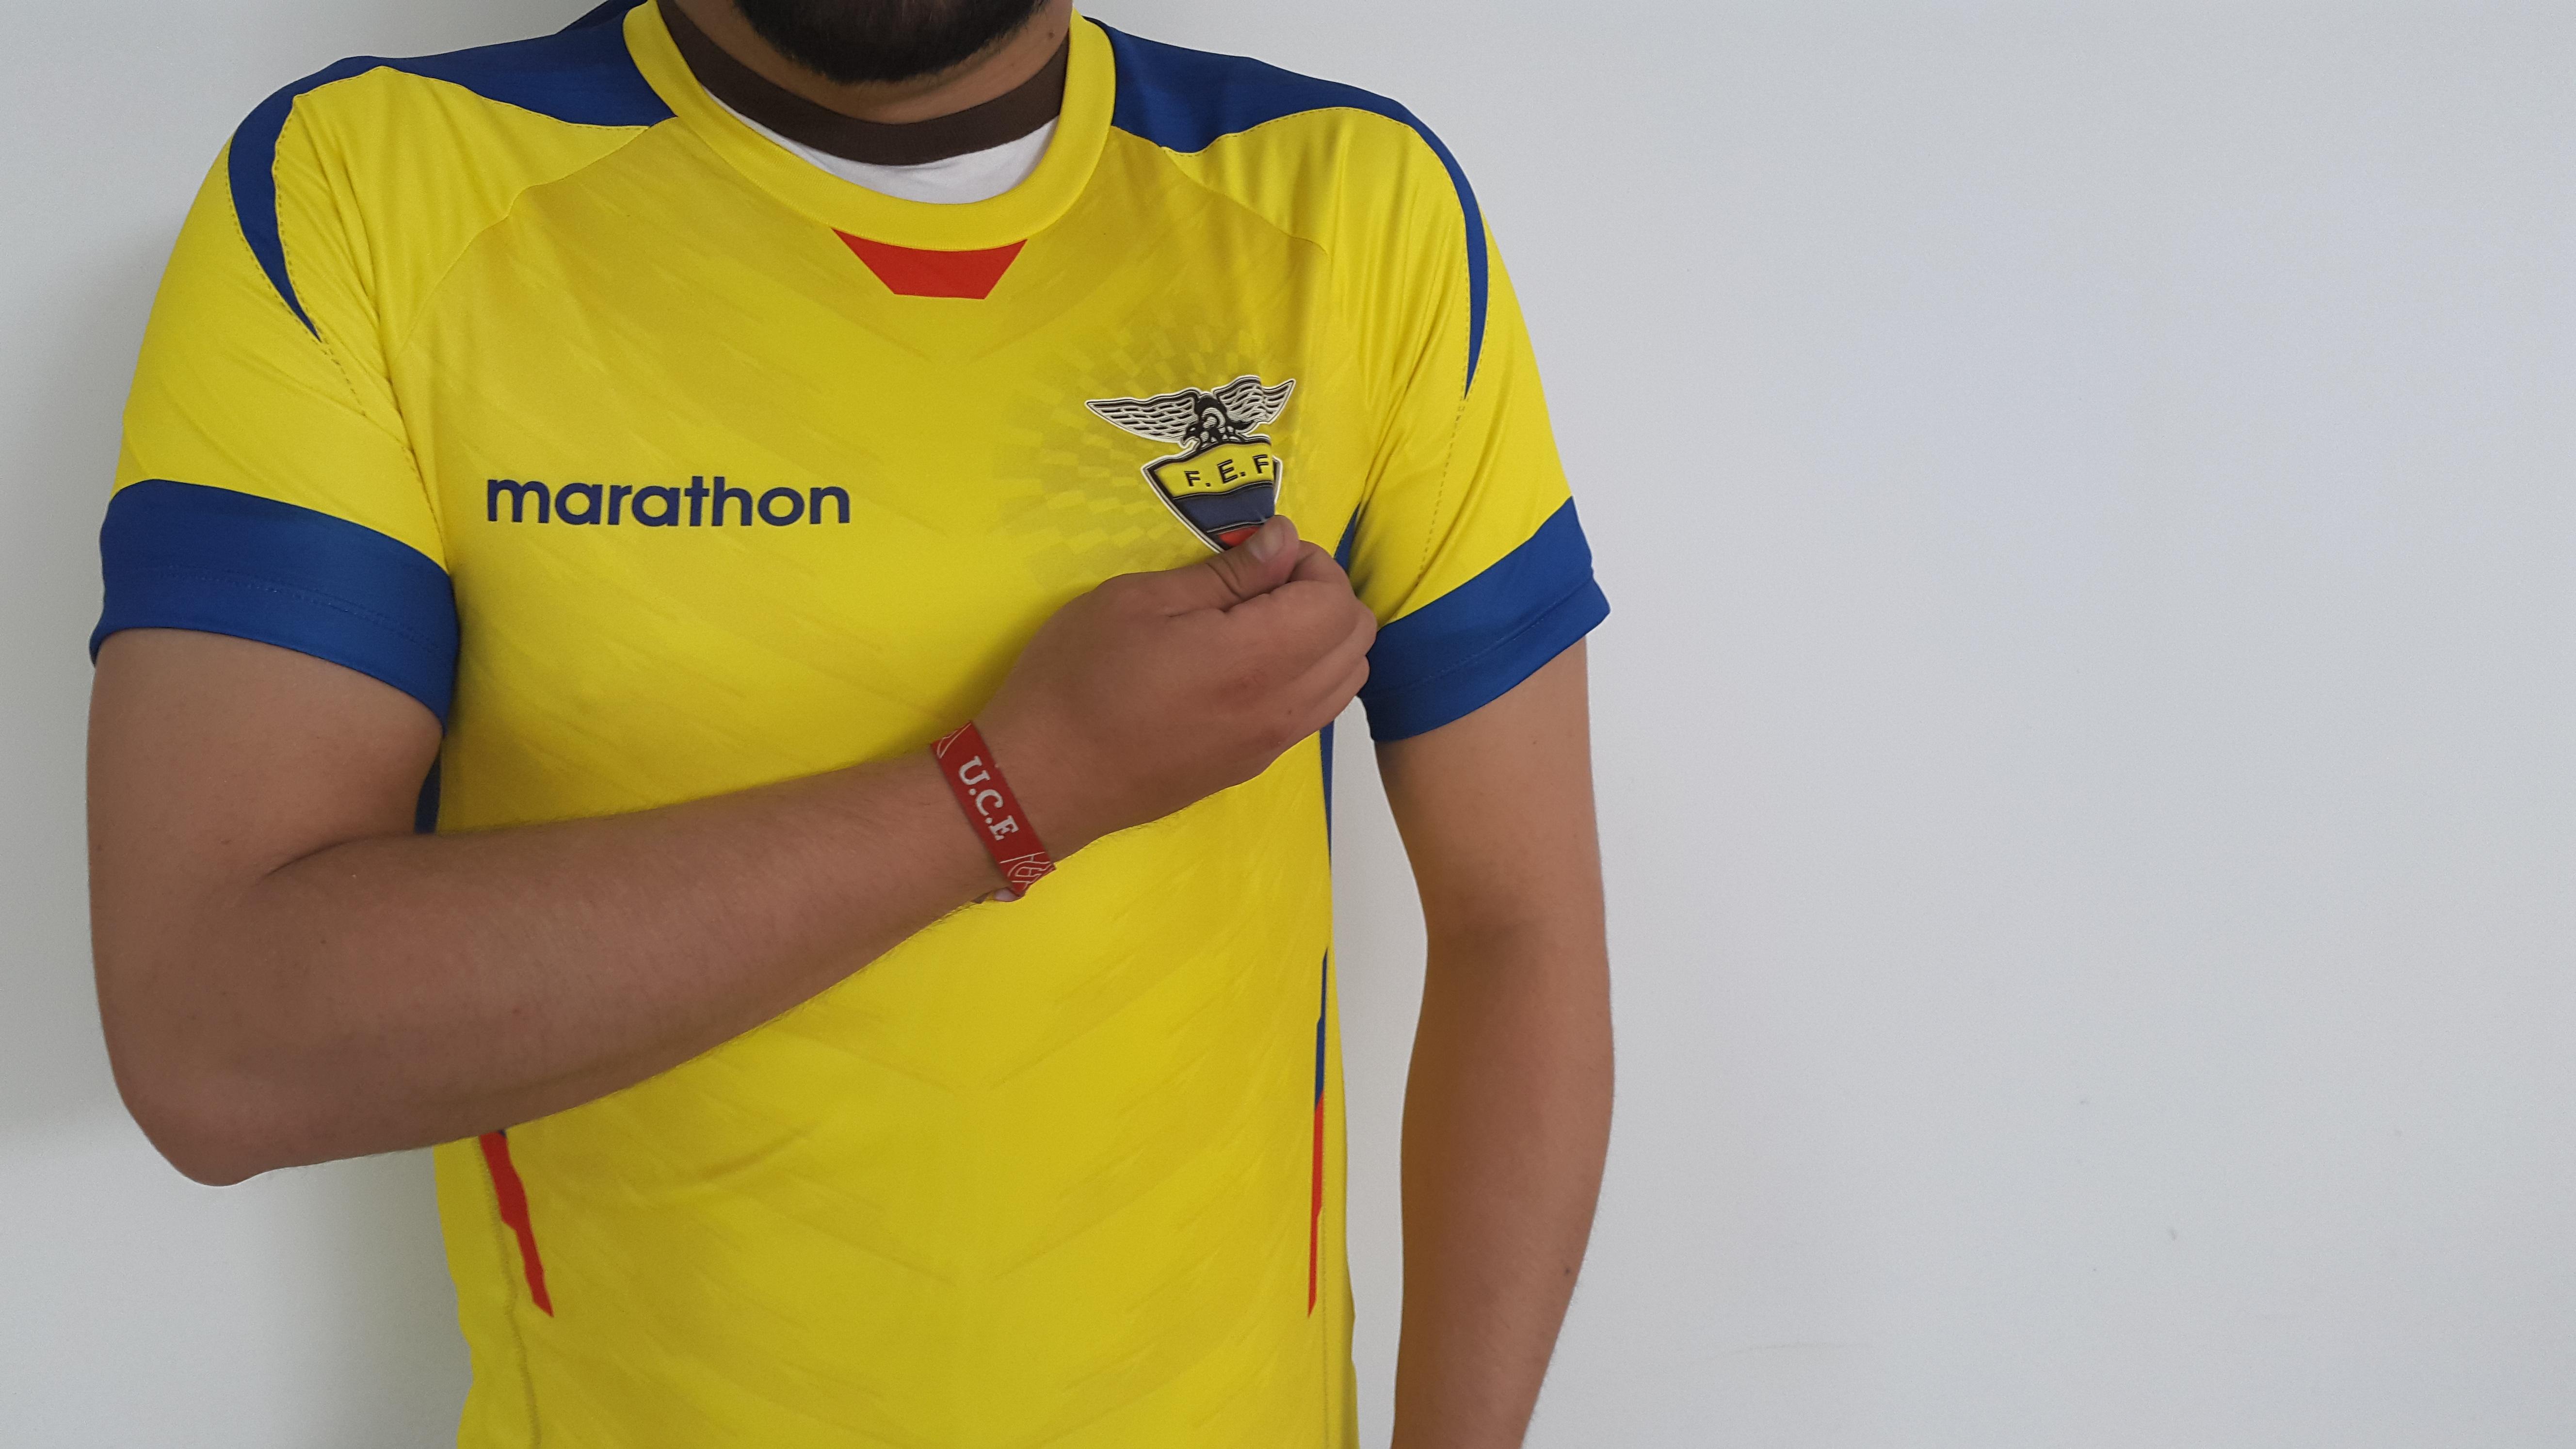 Hình ảnh Môn Thể Thao Quần áo Màu Vàng Bóng đá Cánh